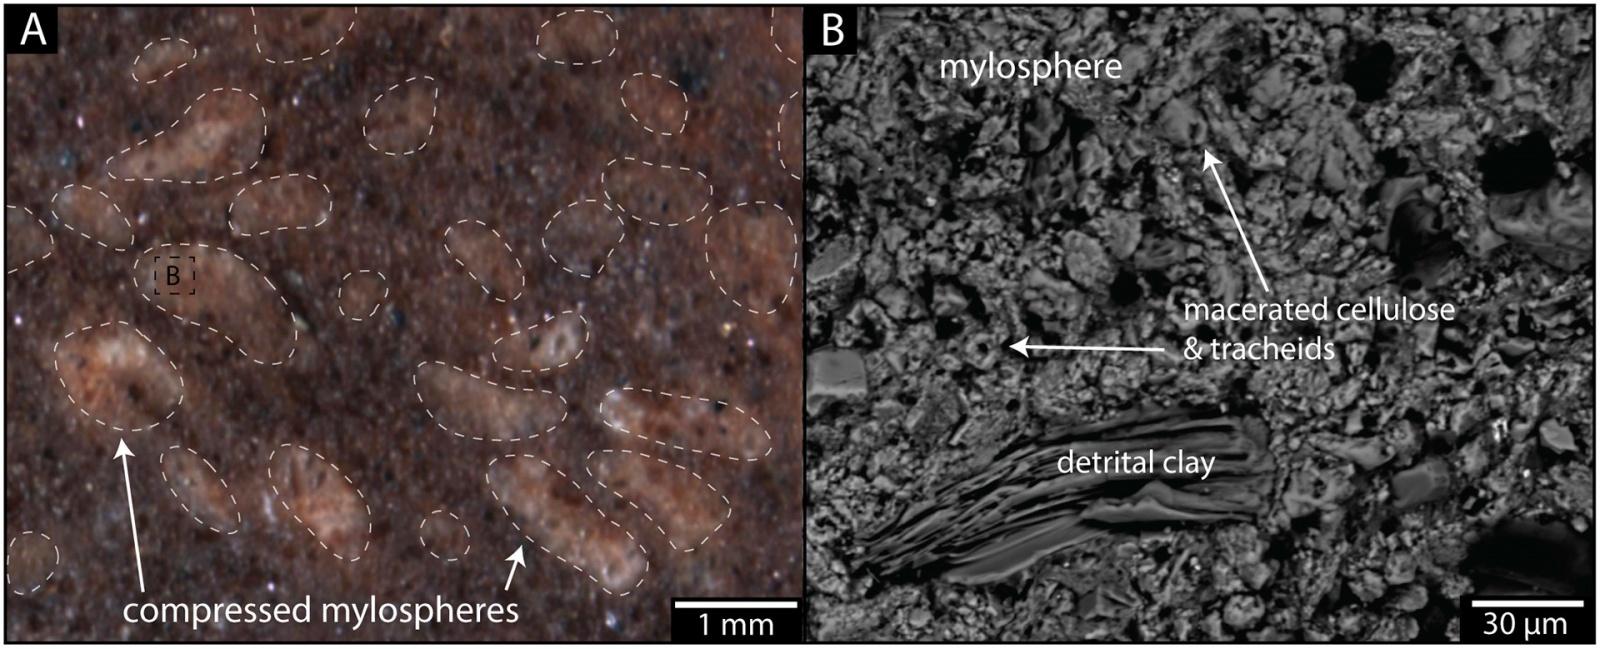 Термиты освоили сельское хозяйство на 25 млн лет раньше людей - 4